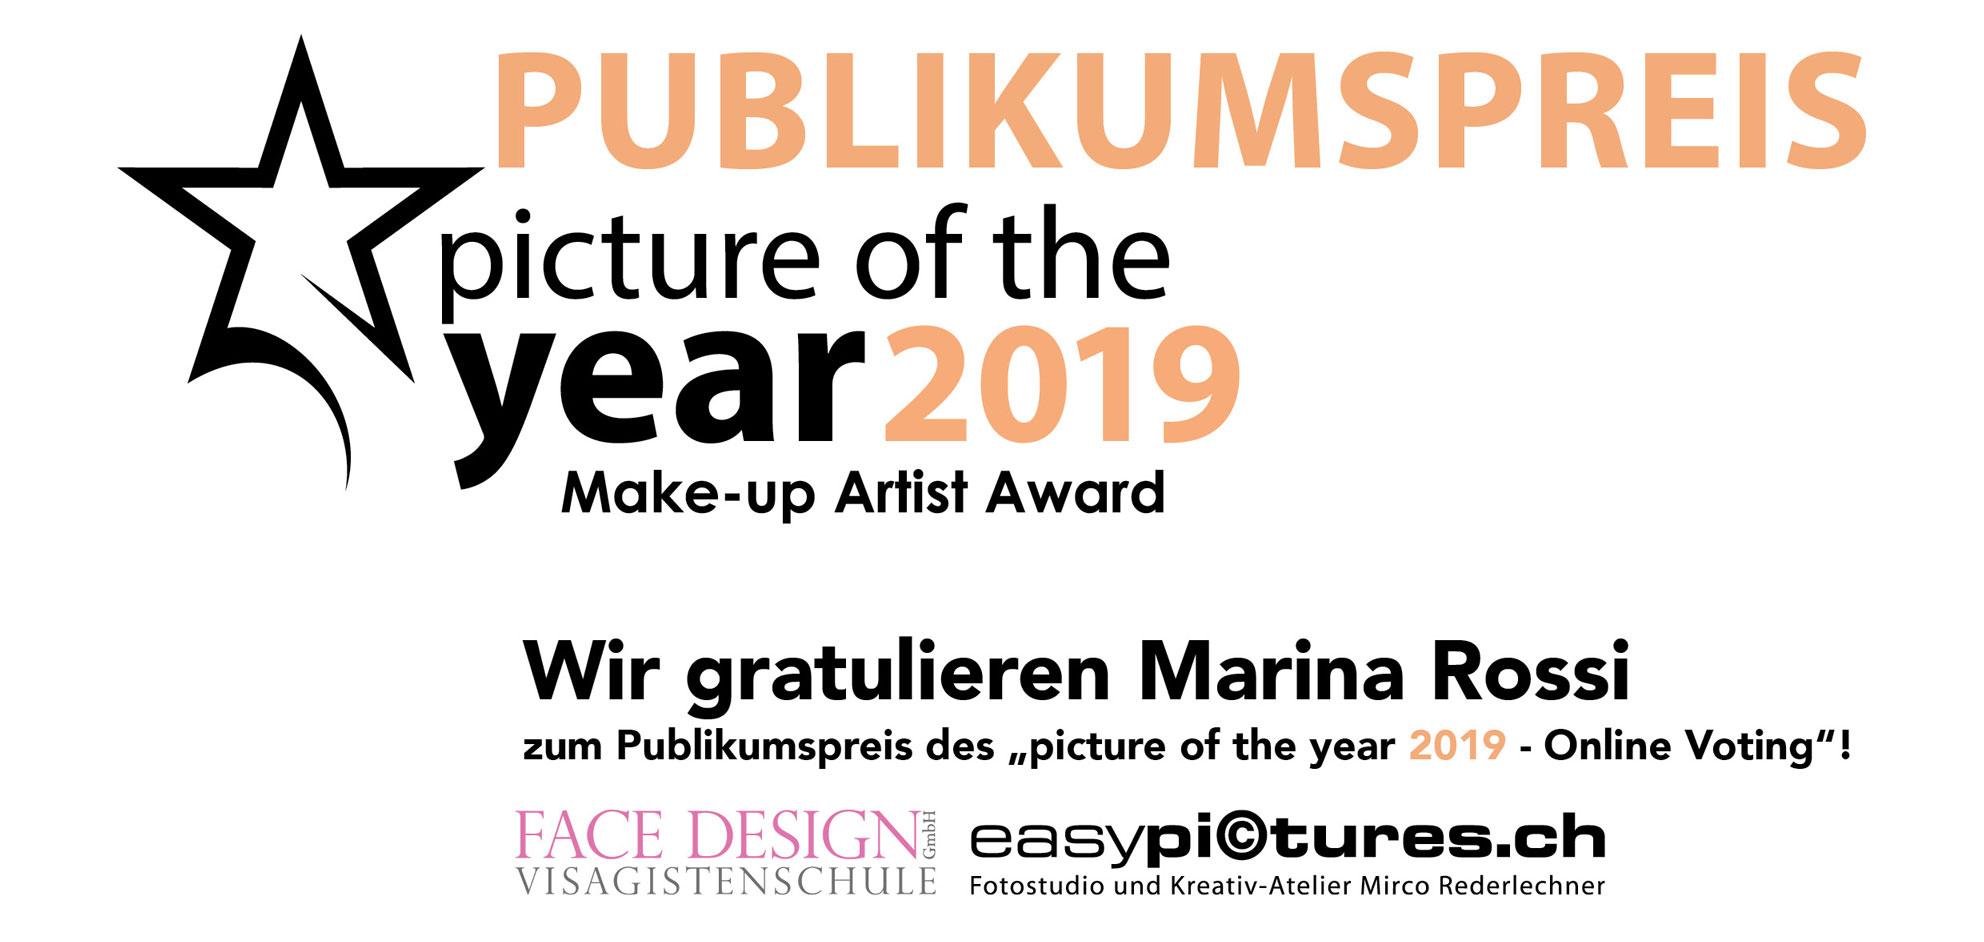 Publikumspreis POFTY 2019